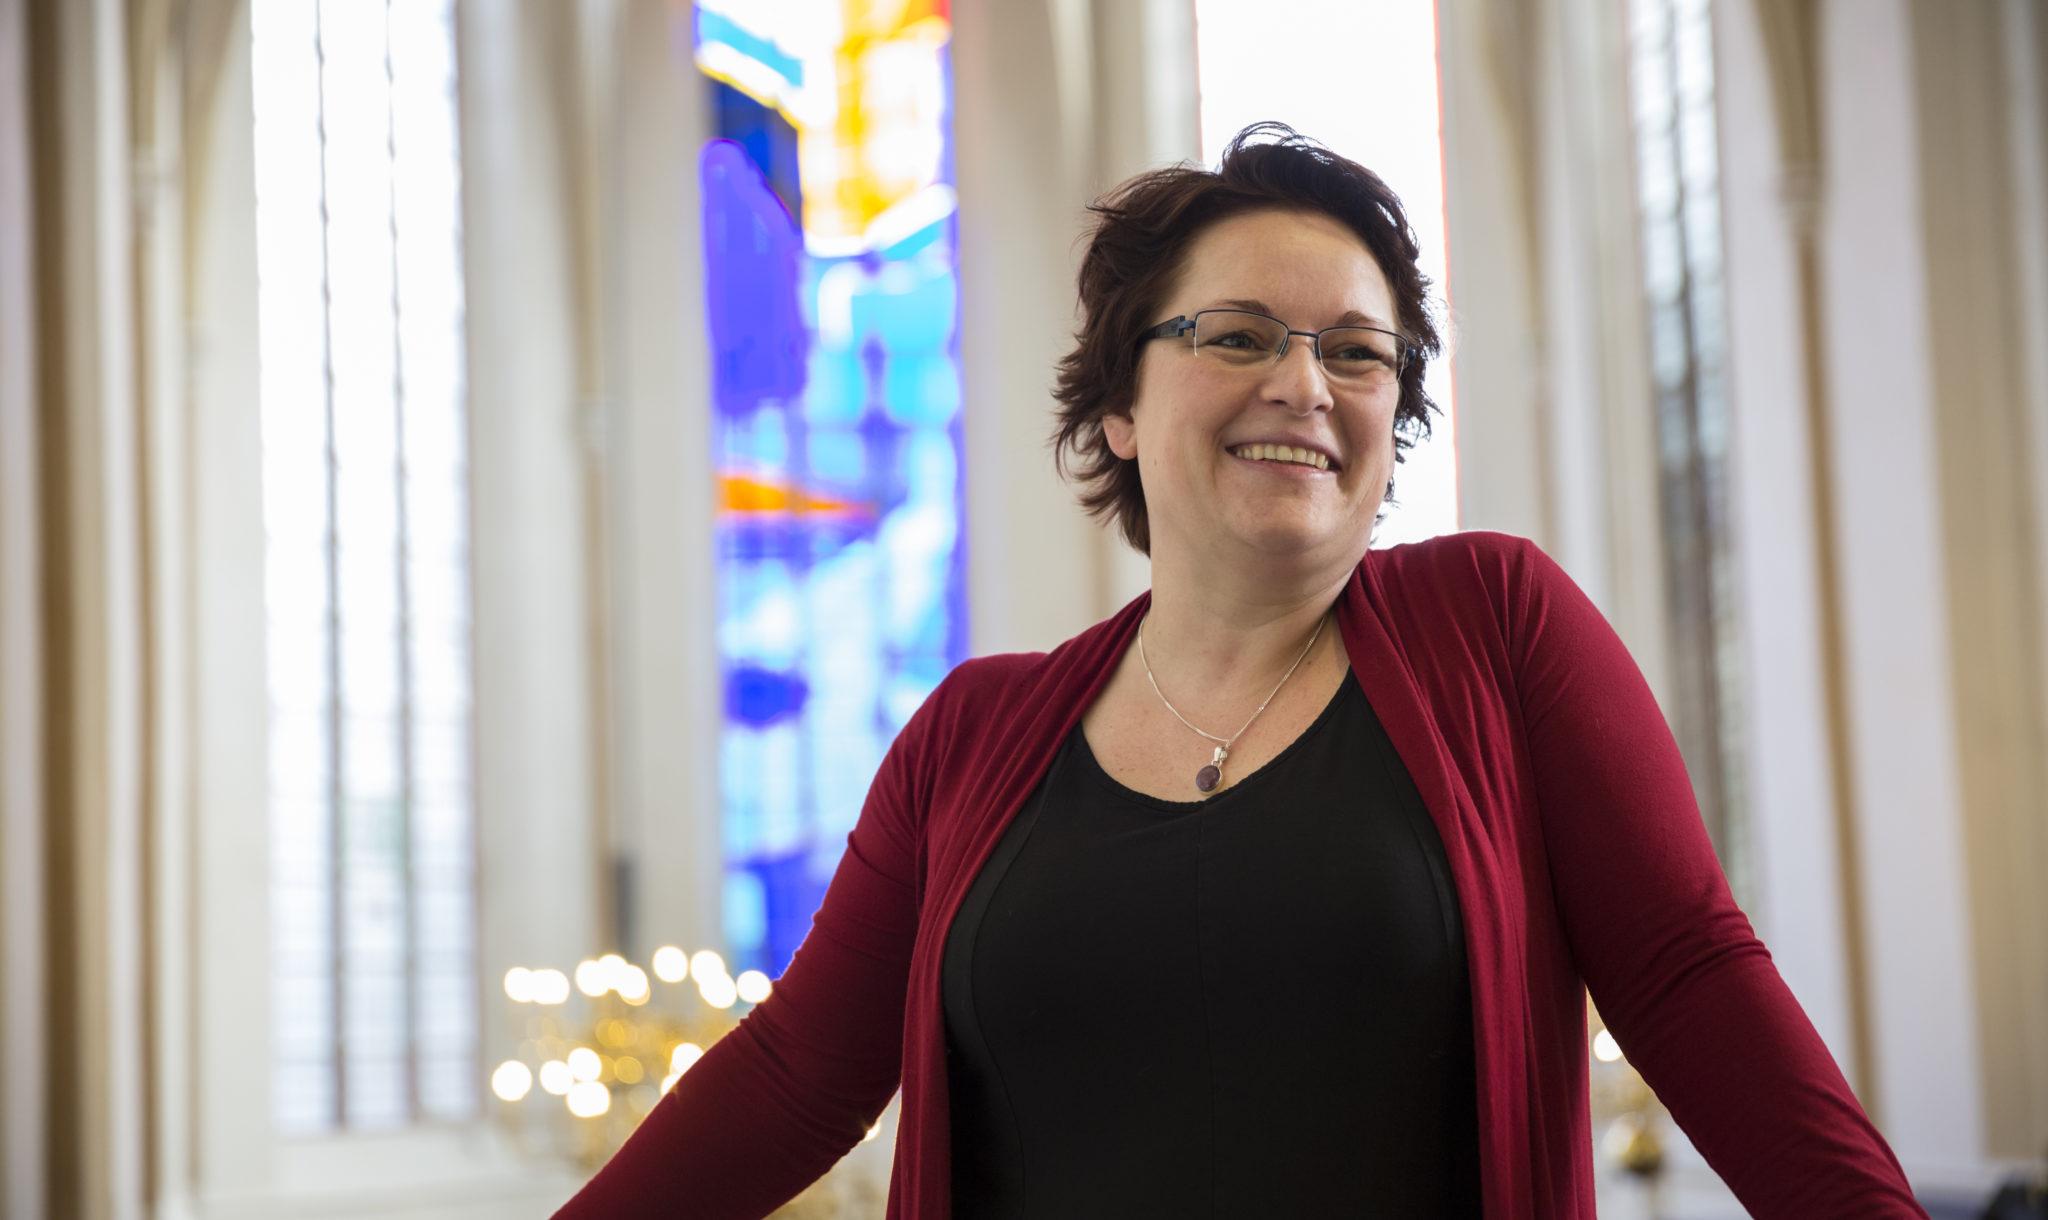 452274bf2c9 Nelleke Vedelaar, momenteel wethouder van Zorg en Sociale Zaken in Zwolle,  wil haar ervaring in de lokale politiek inzetten om de partij te hervormen.